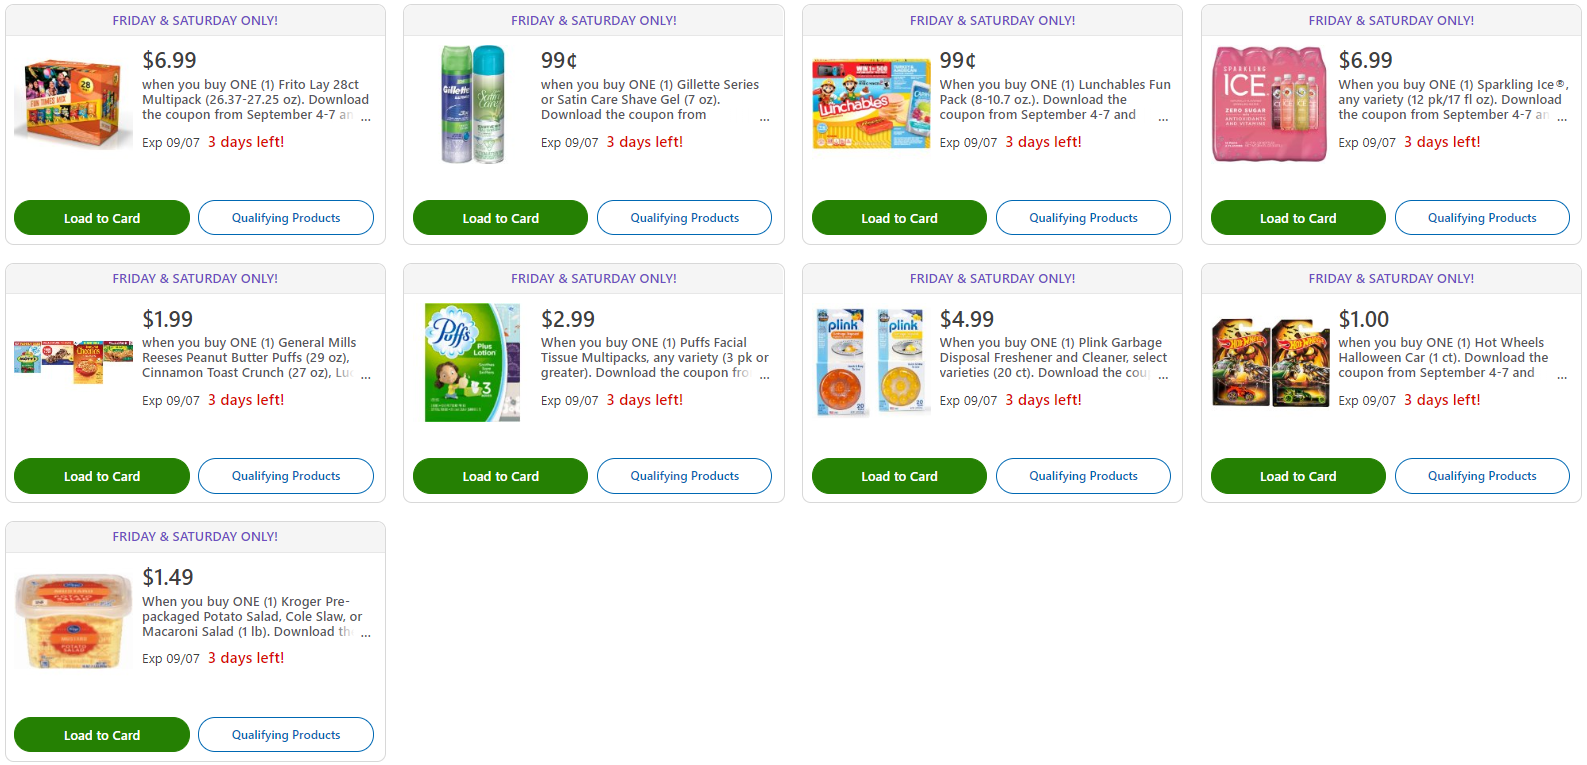 Kroger Weekly Grocery Ads Coupon Deals | KrogerKrazy com